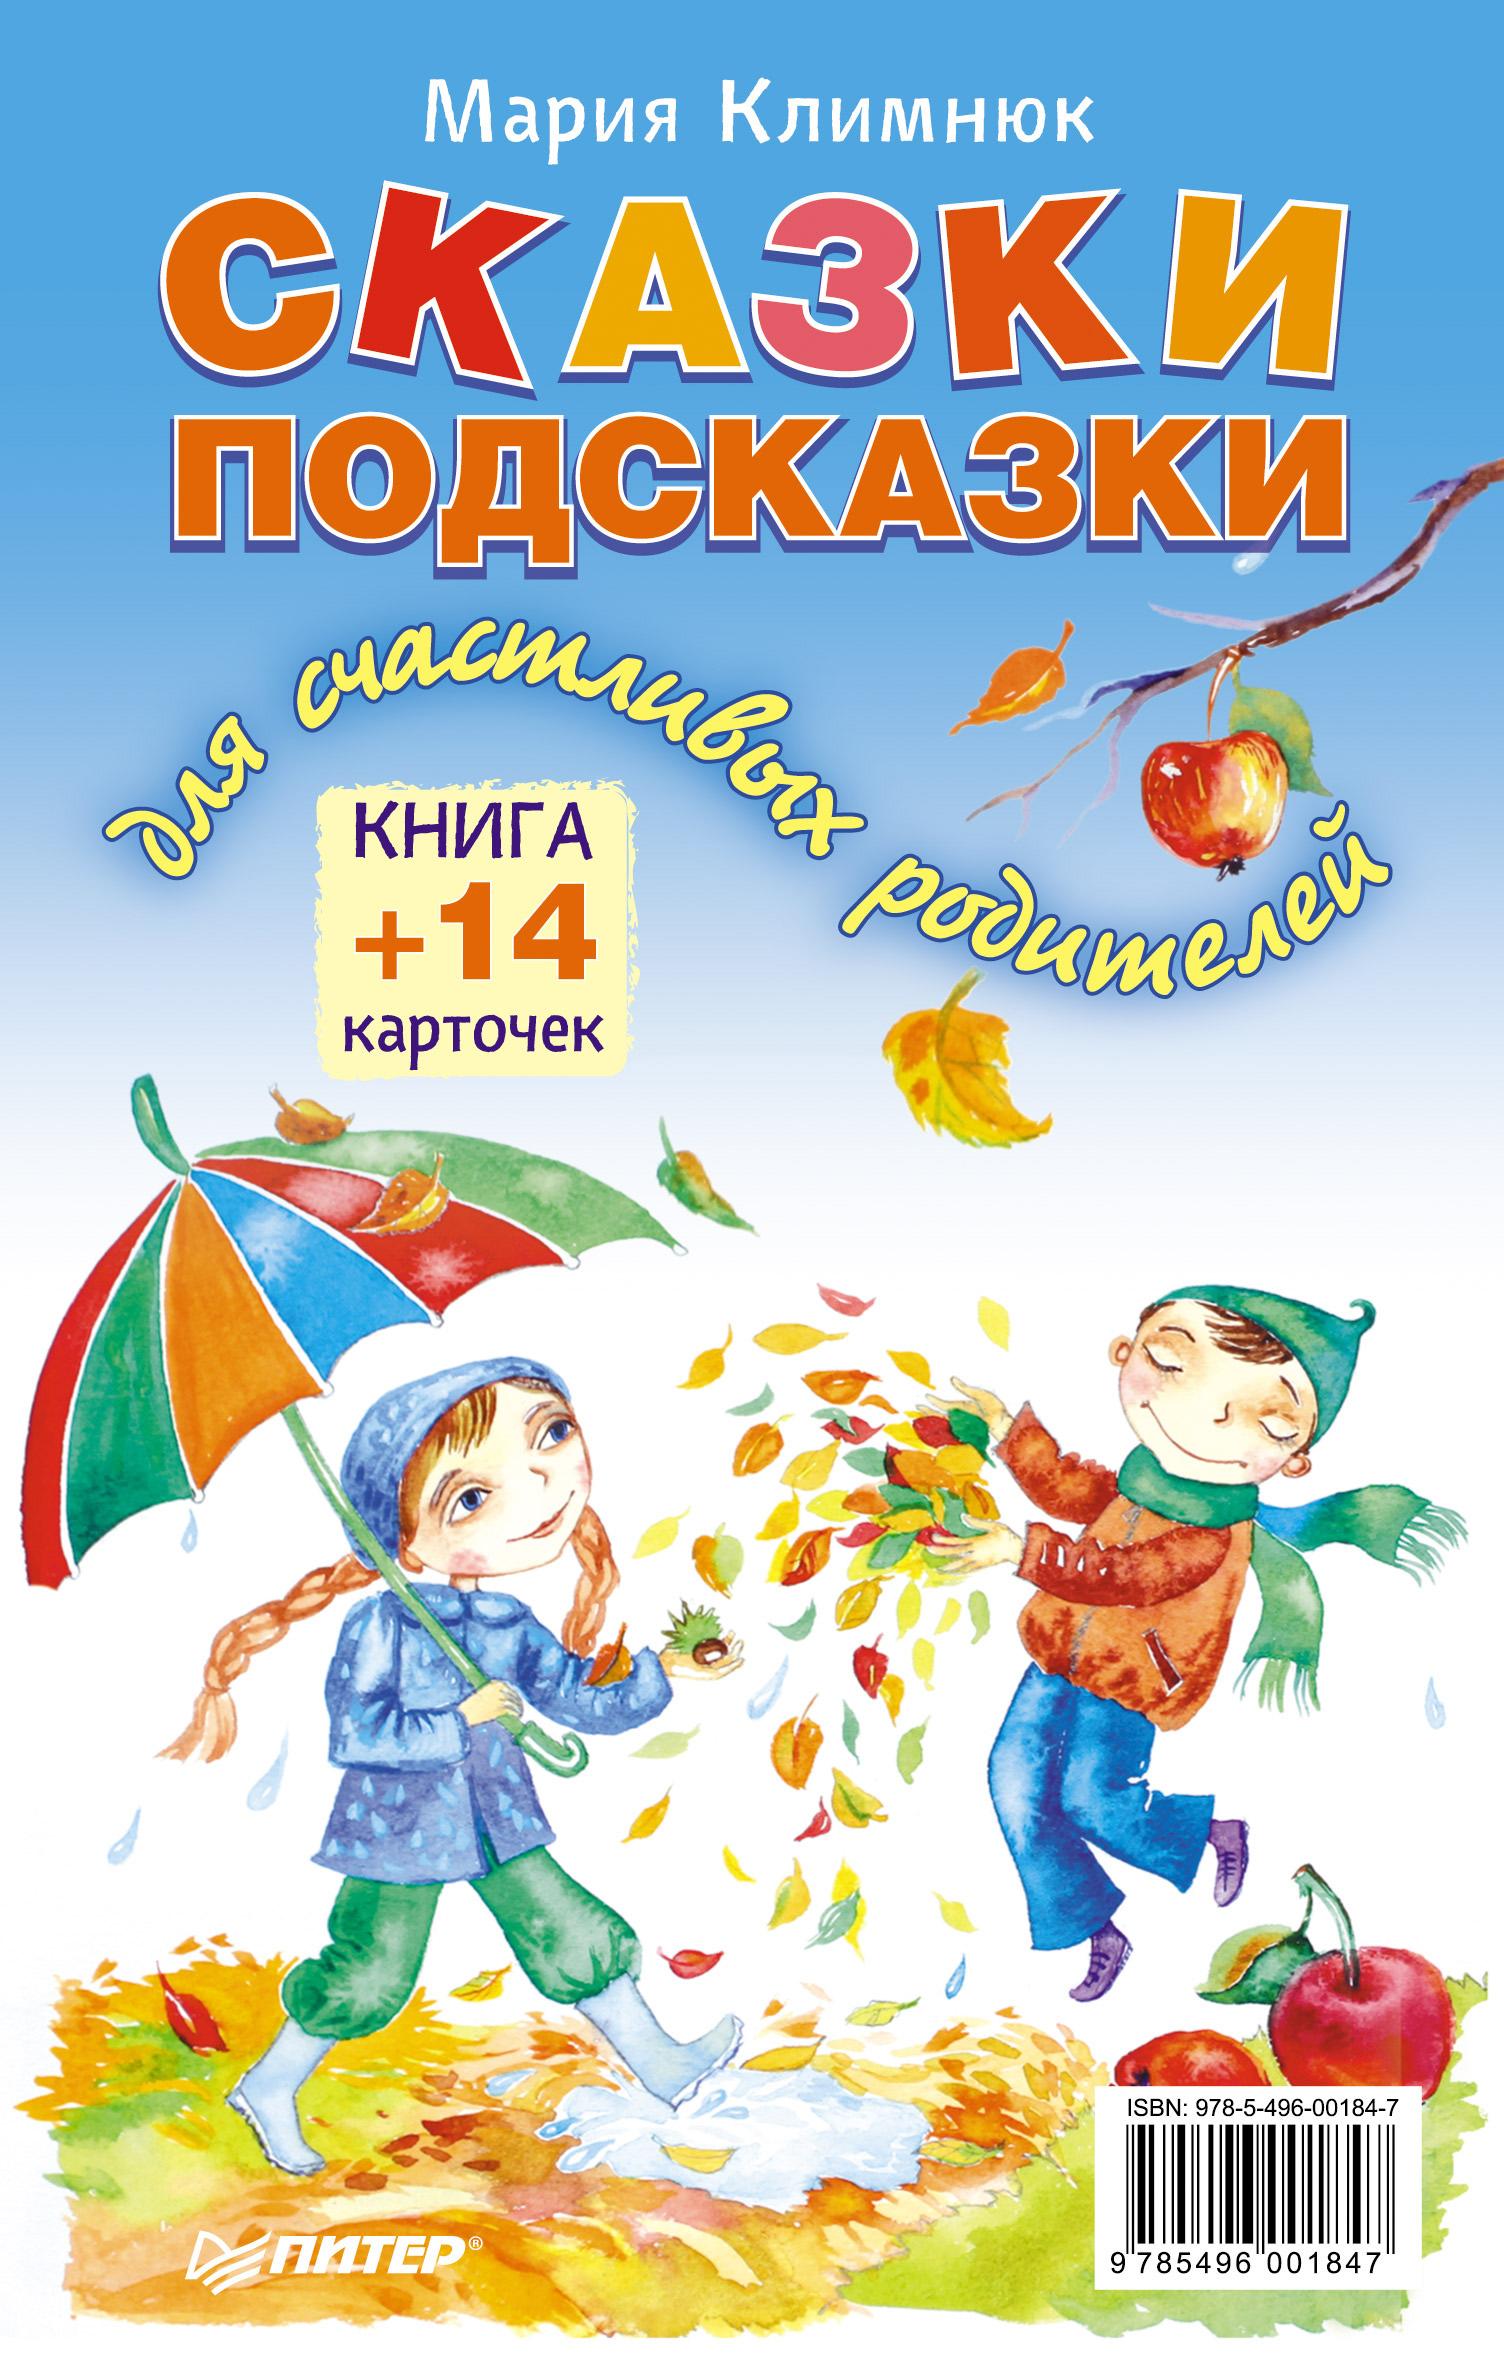 Сказки-подсказки для счастливых родителей. Книга + 14 карточек